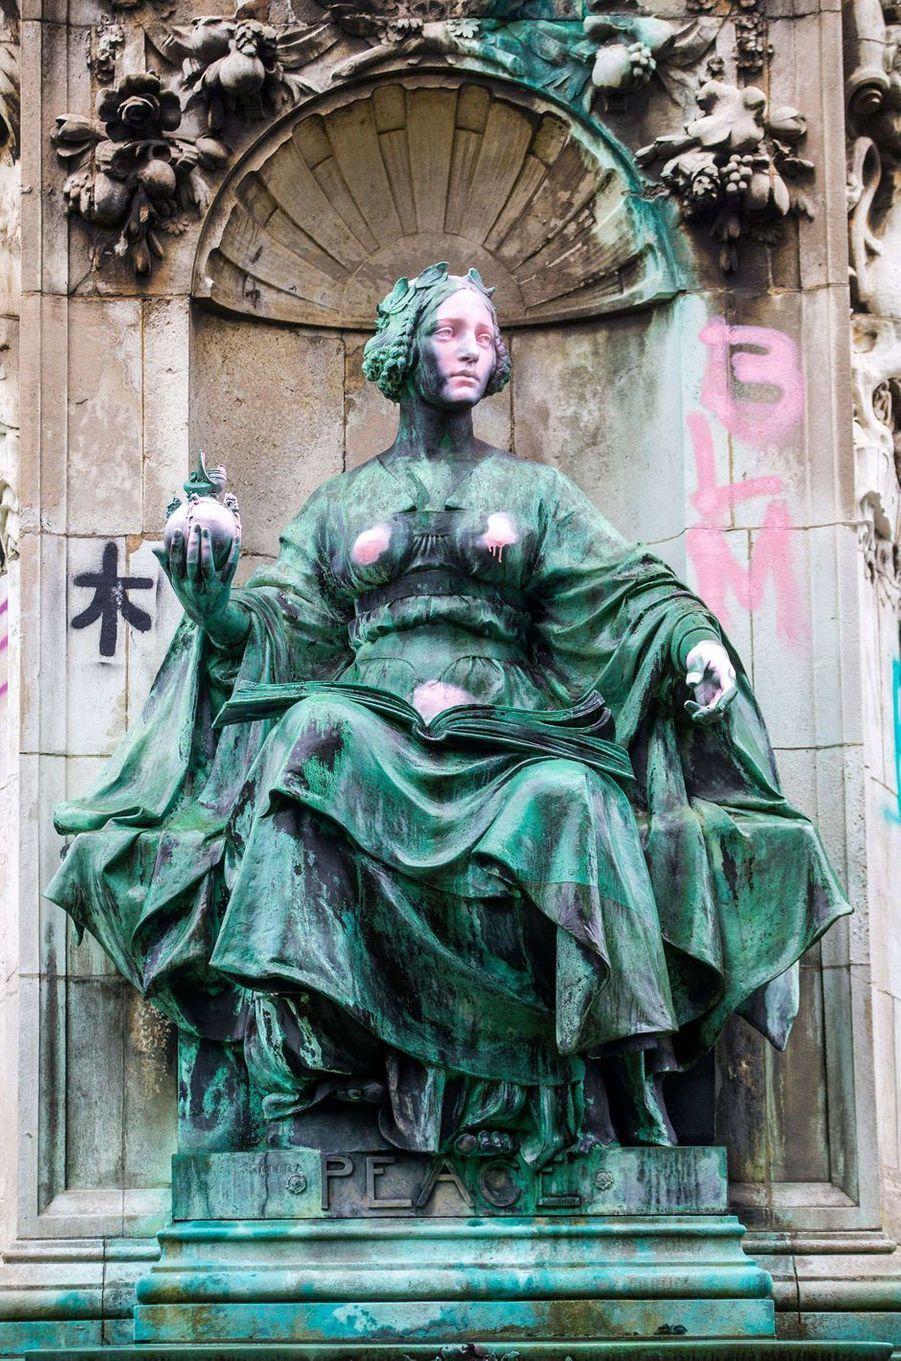 L'une des figures du piédestal du mémorial de la reine Victoria à Leeds vandalisé, le 10 juin 2020